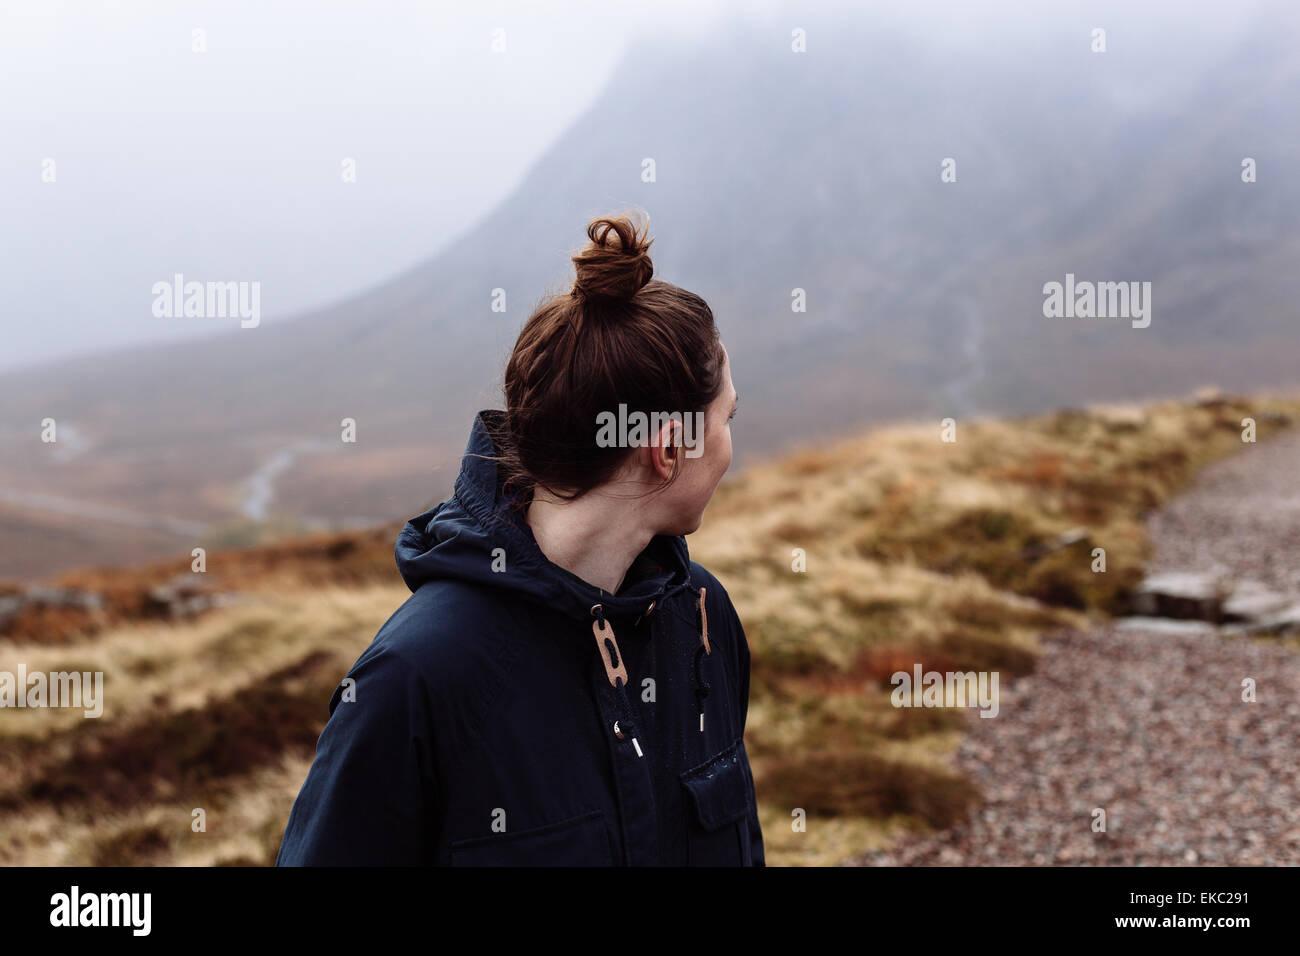 Frau auf der Suche über die Schulter in Richtung Berge Stockbild